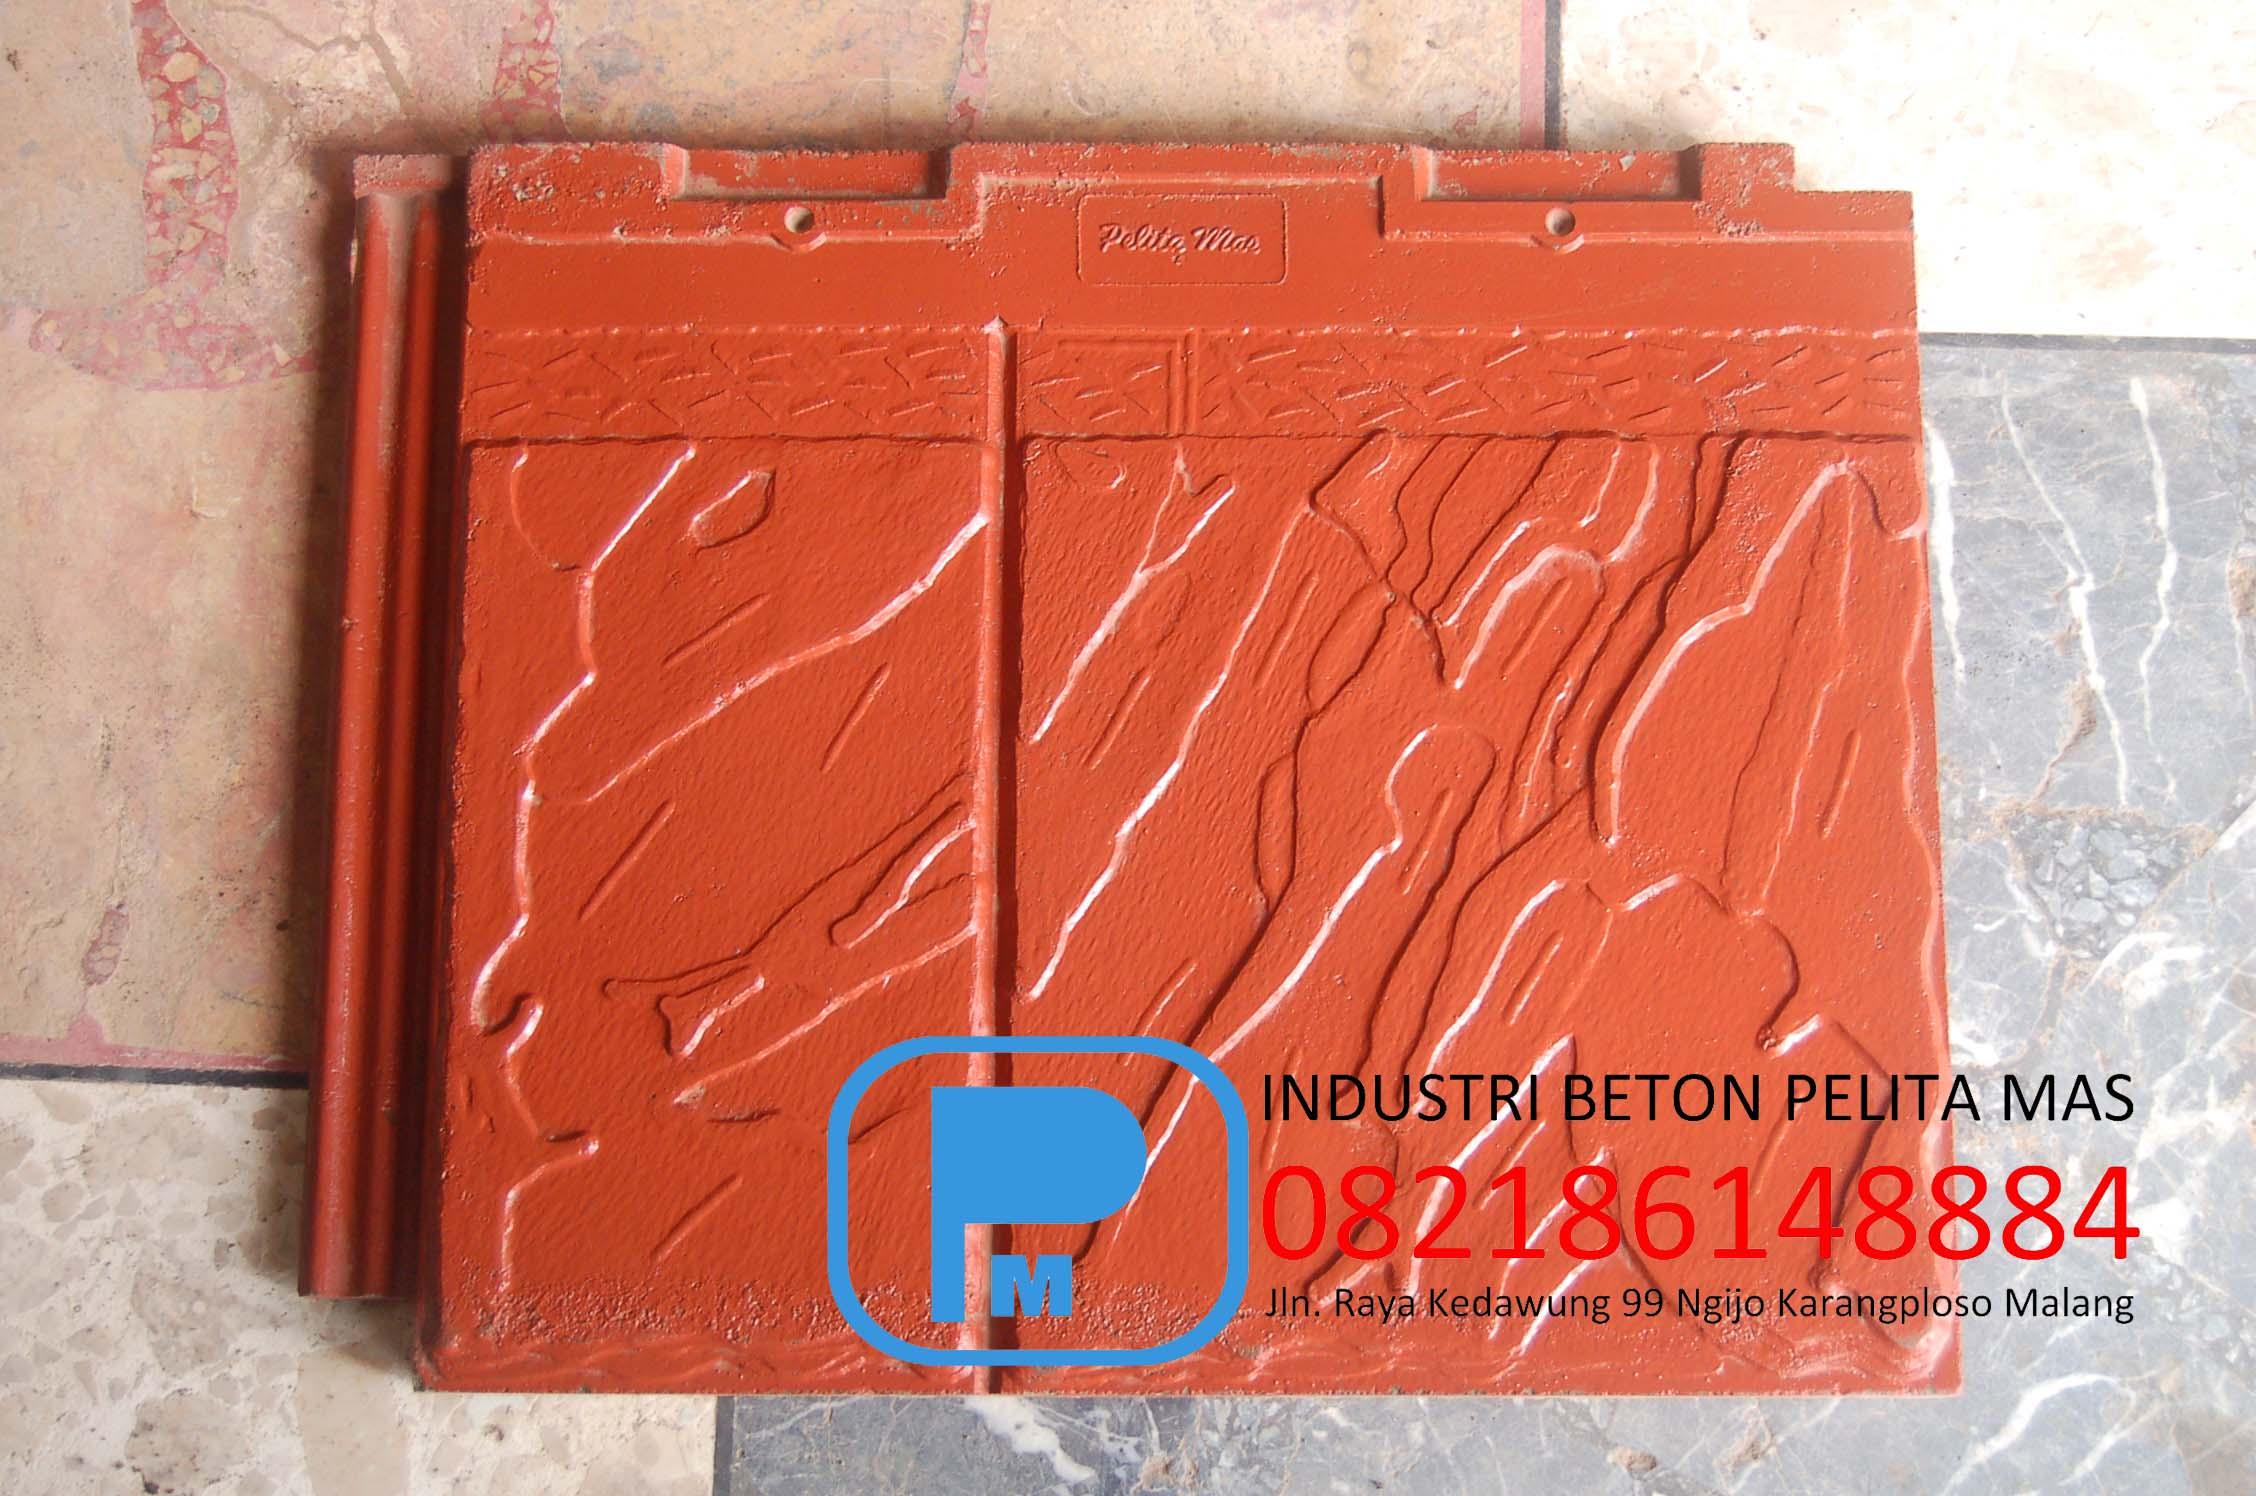 HP/WA 0821-8614-8884, Genteng Beton Pres